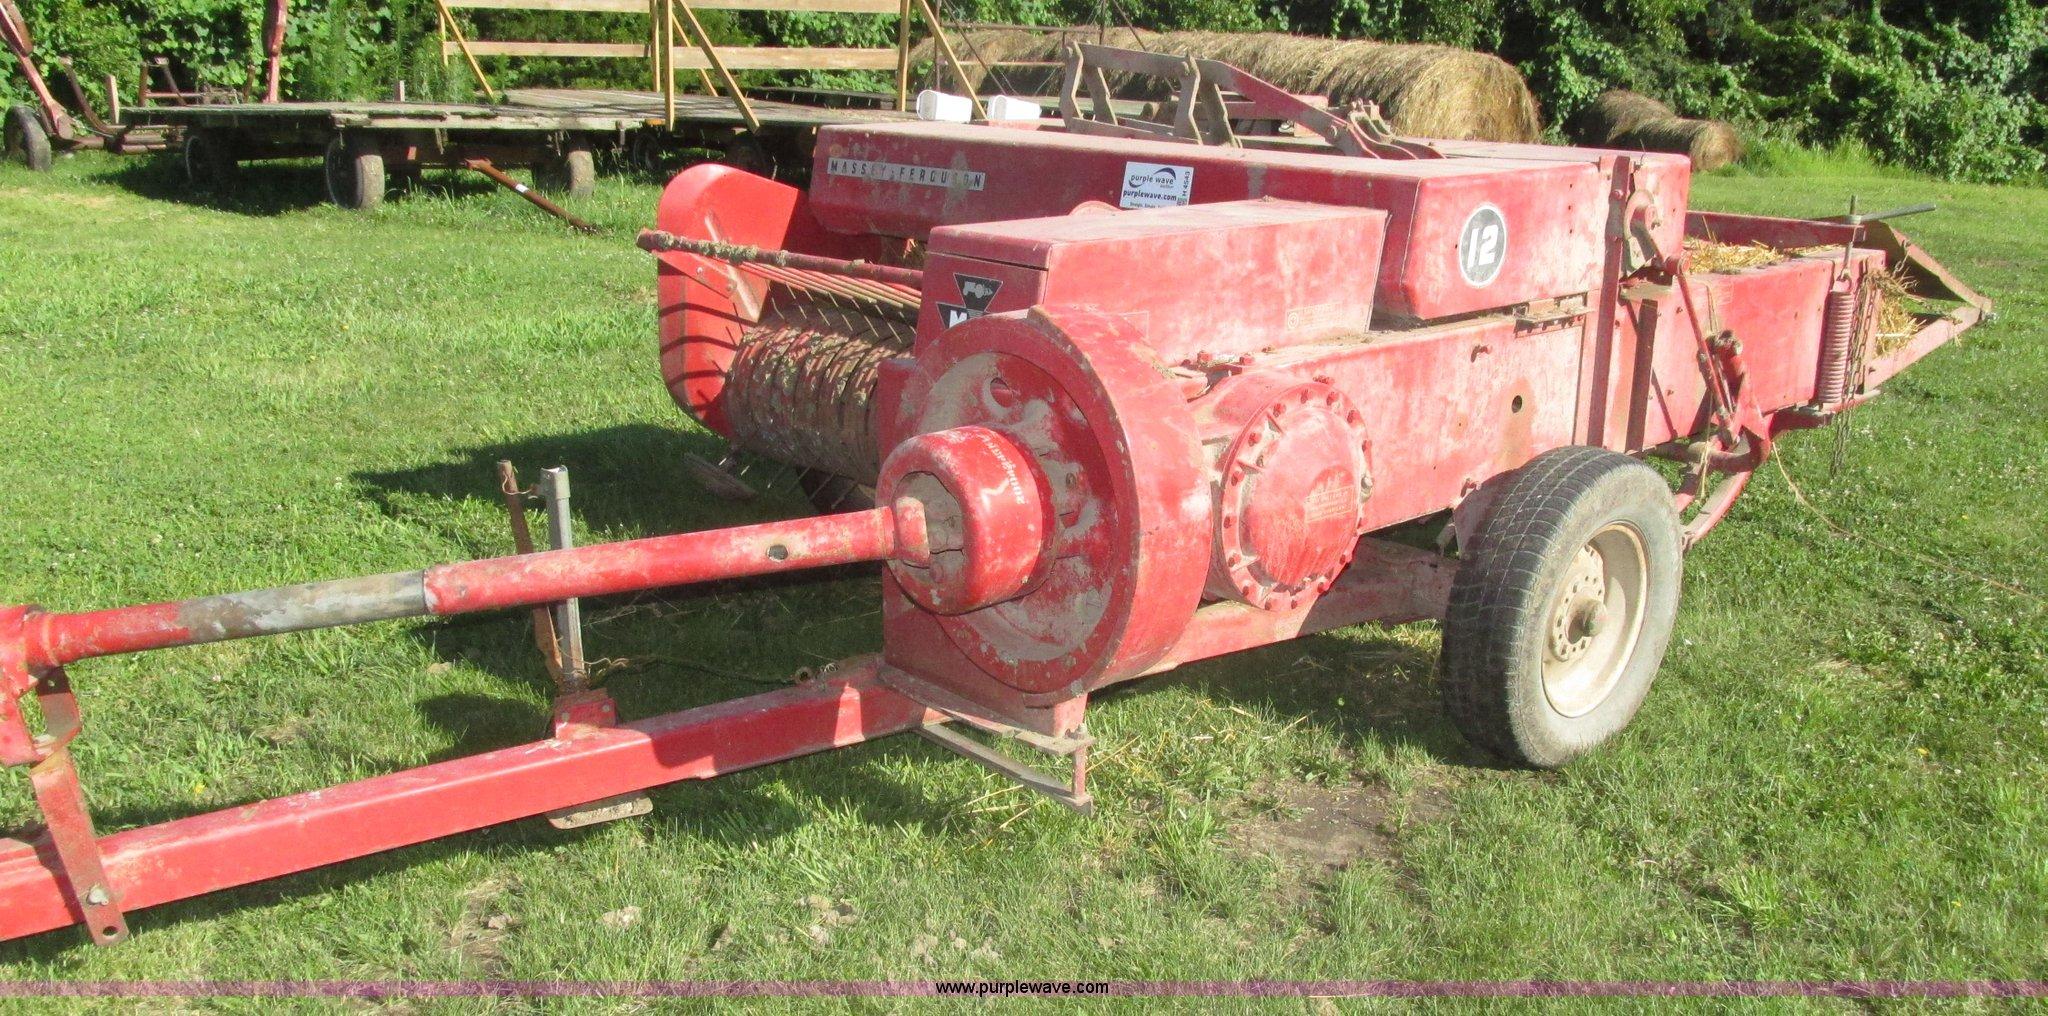 H4543 image for item H4543 1965 Massey-Ferguson 12 small square baler